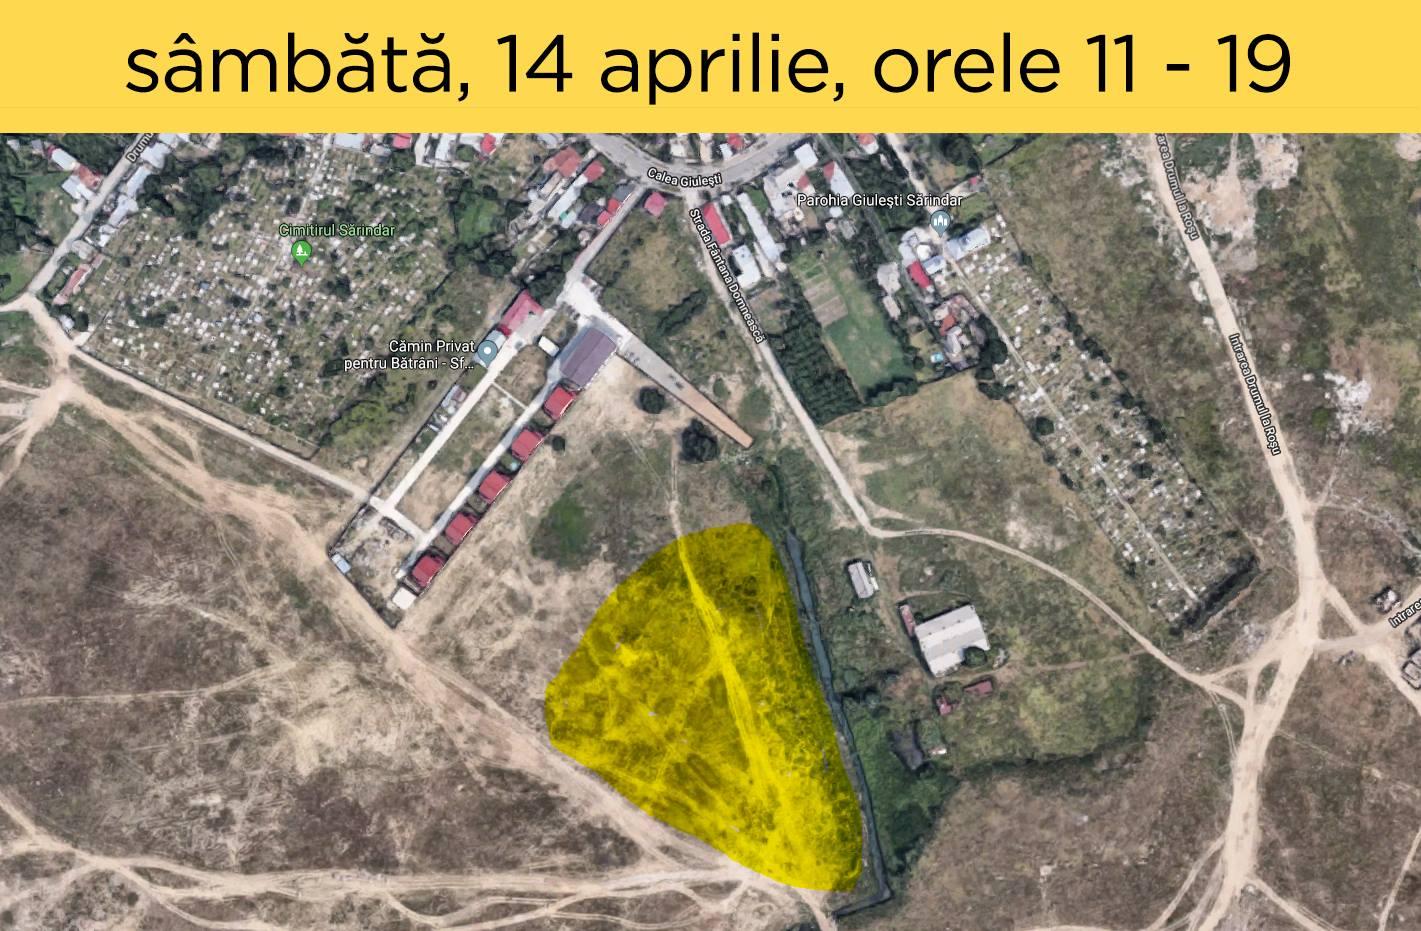 Plantăm Pădurea București - filtru între noi și gropile de gunoi